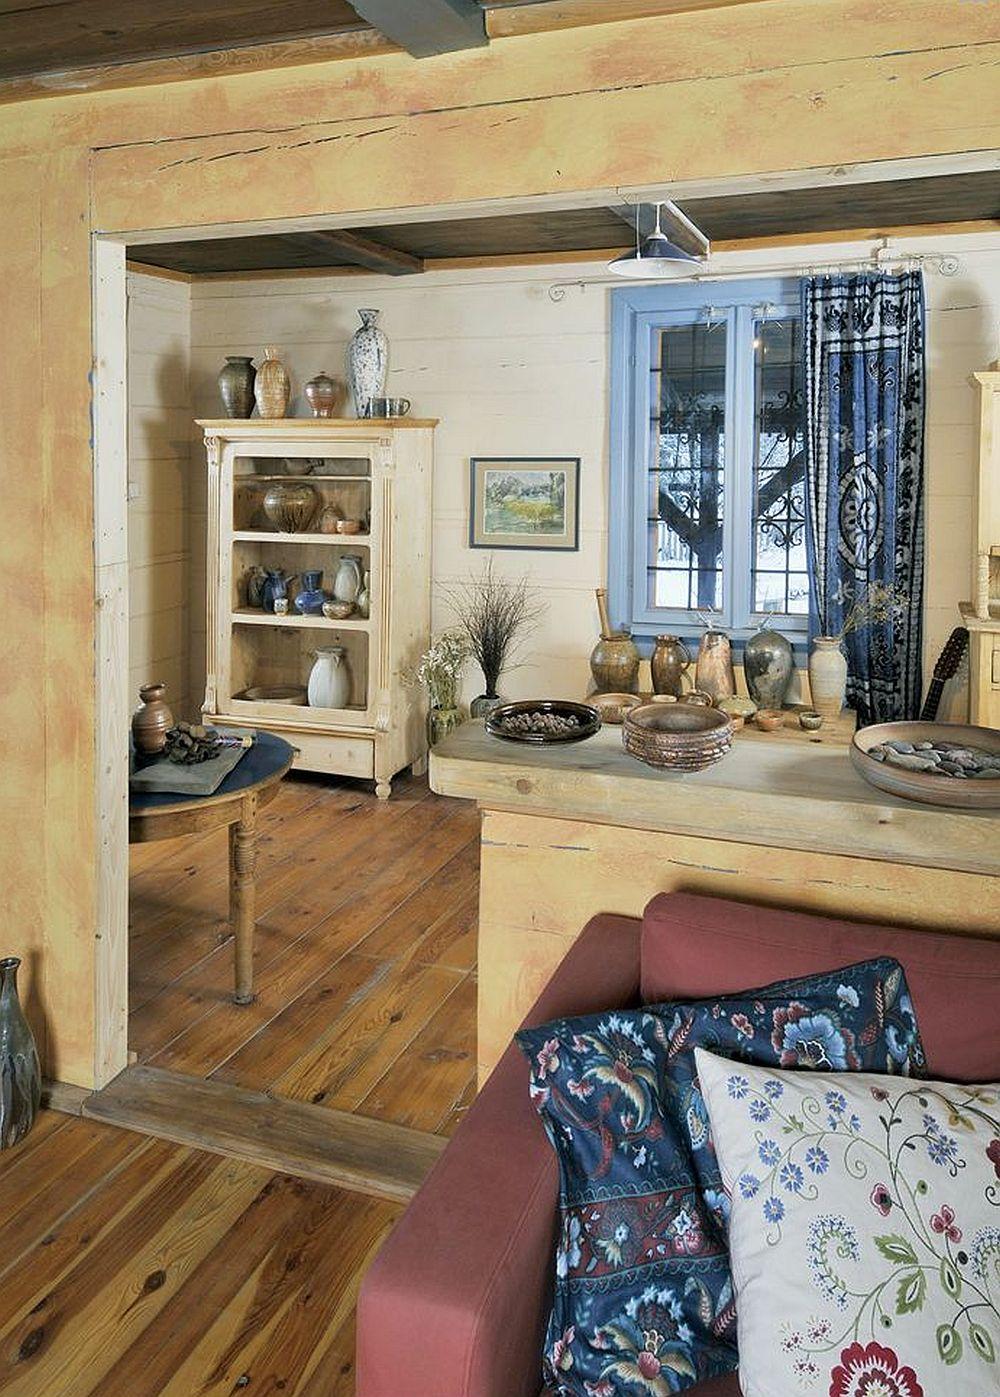 adelaparvu.com despre casa artistilor Marta Kedzierska si Jacek Tratkiewicz Foto Marek Szymanski, casa rustica interior (7)